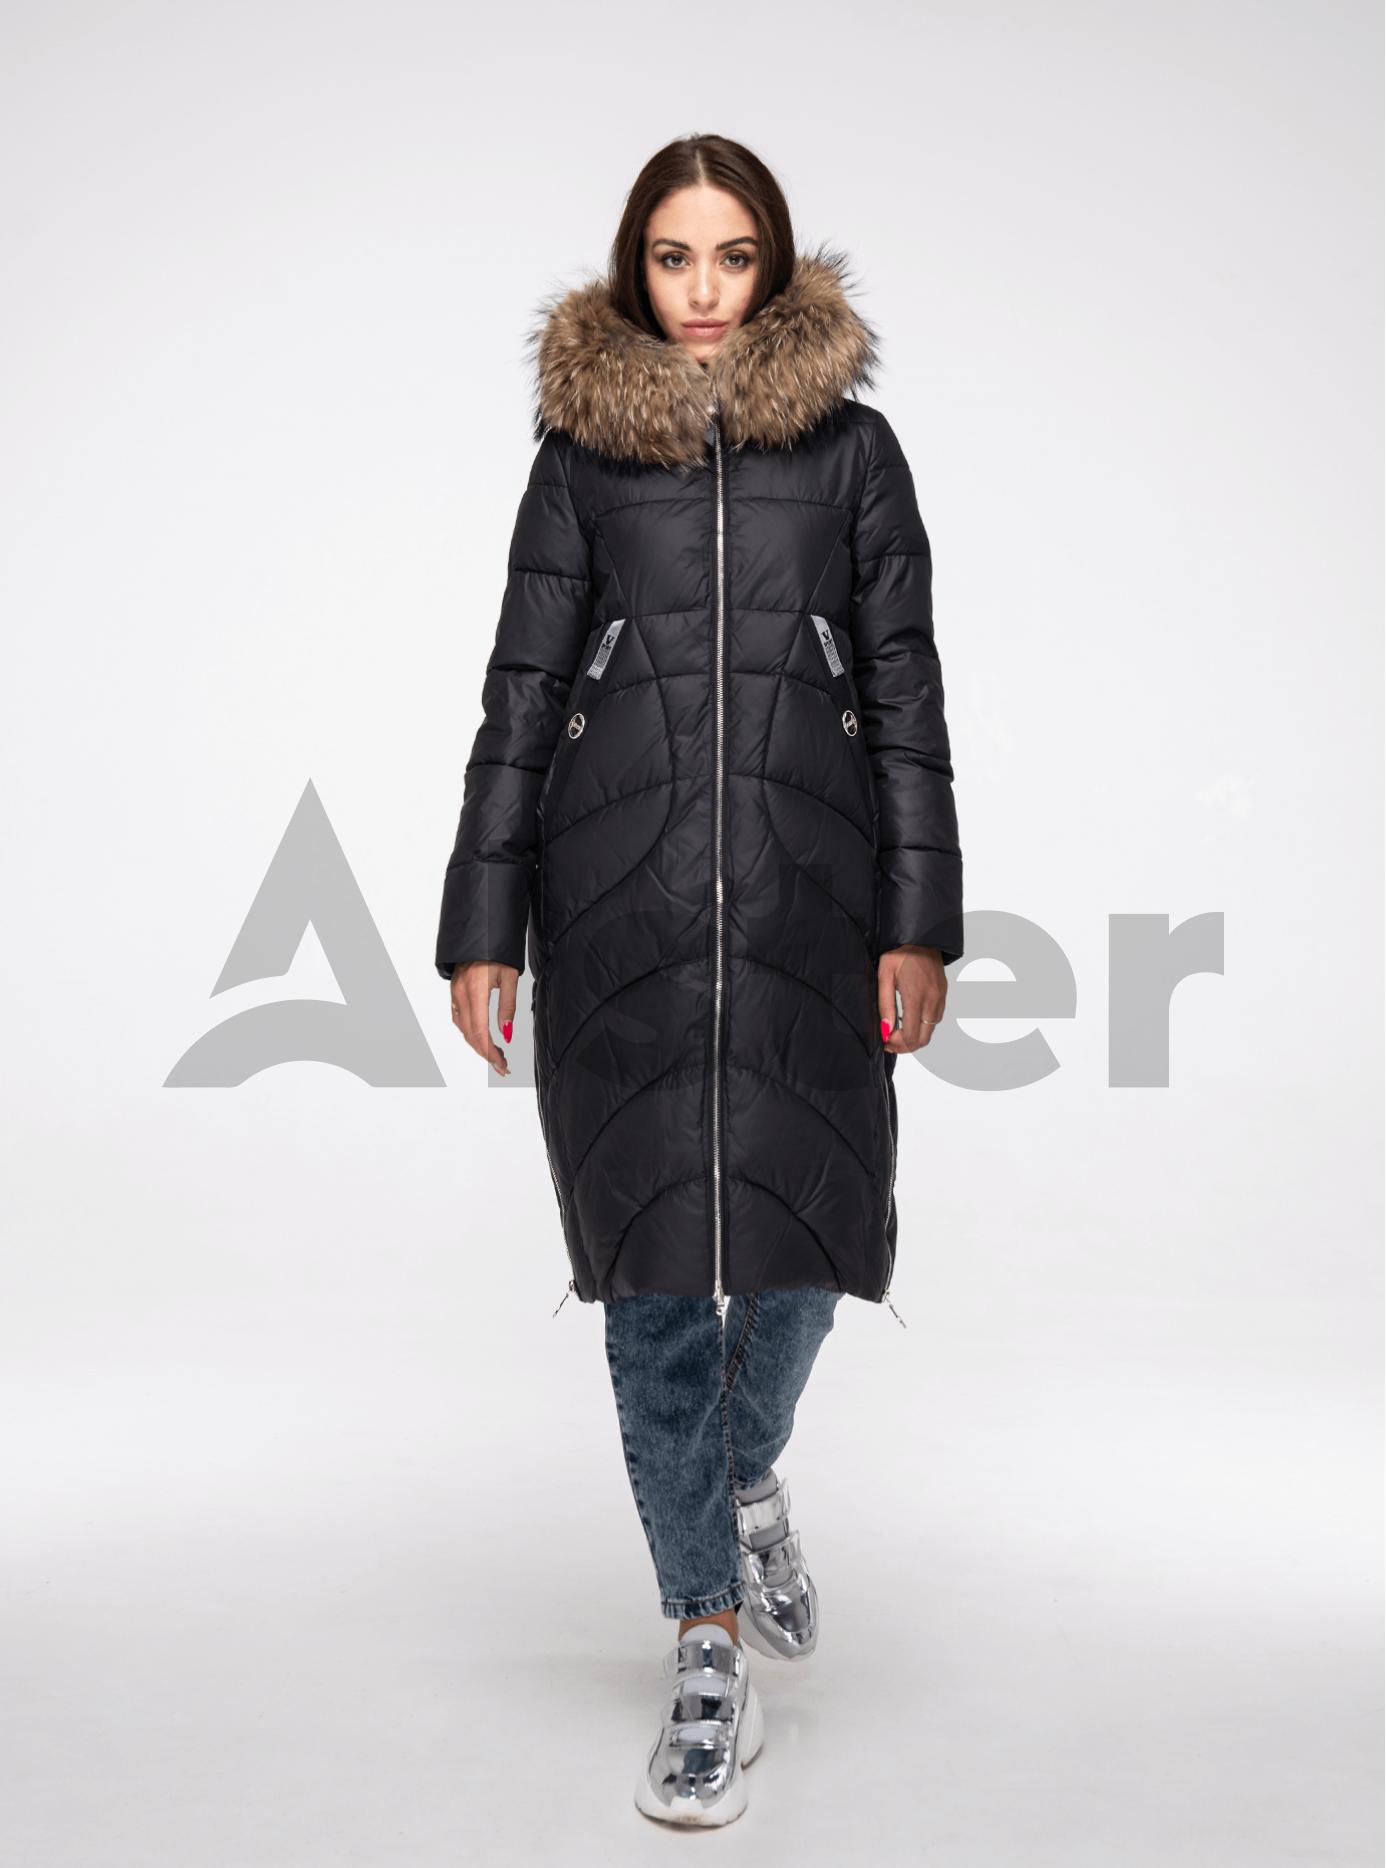 Куртка зимняя длинная с мехом енота Чёрный S (05-V191184): фото - Alster.ua